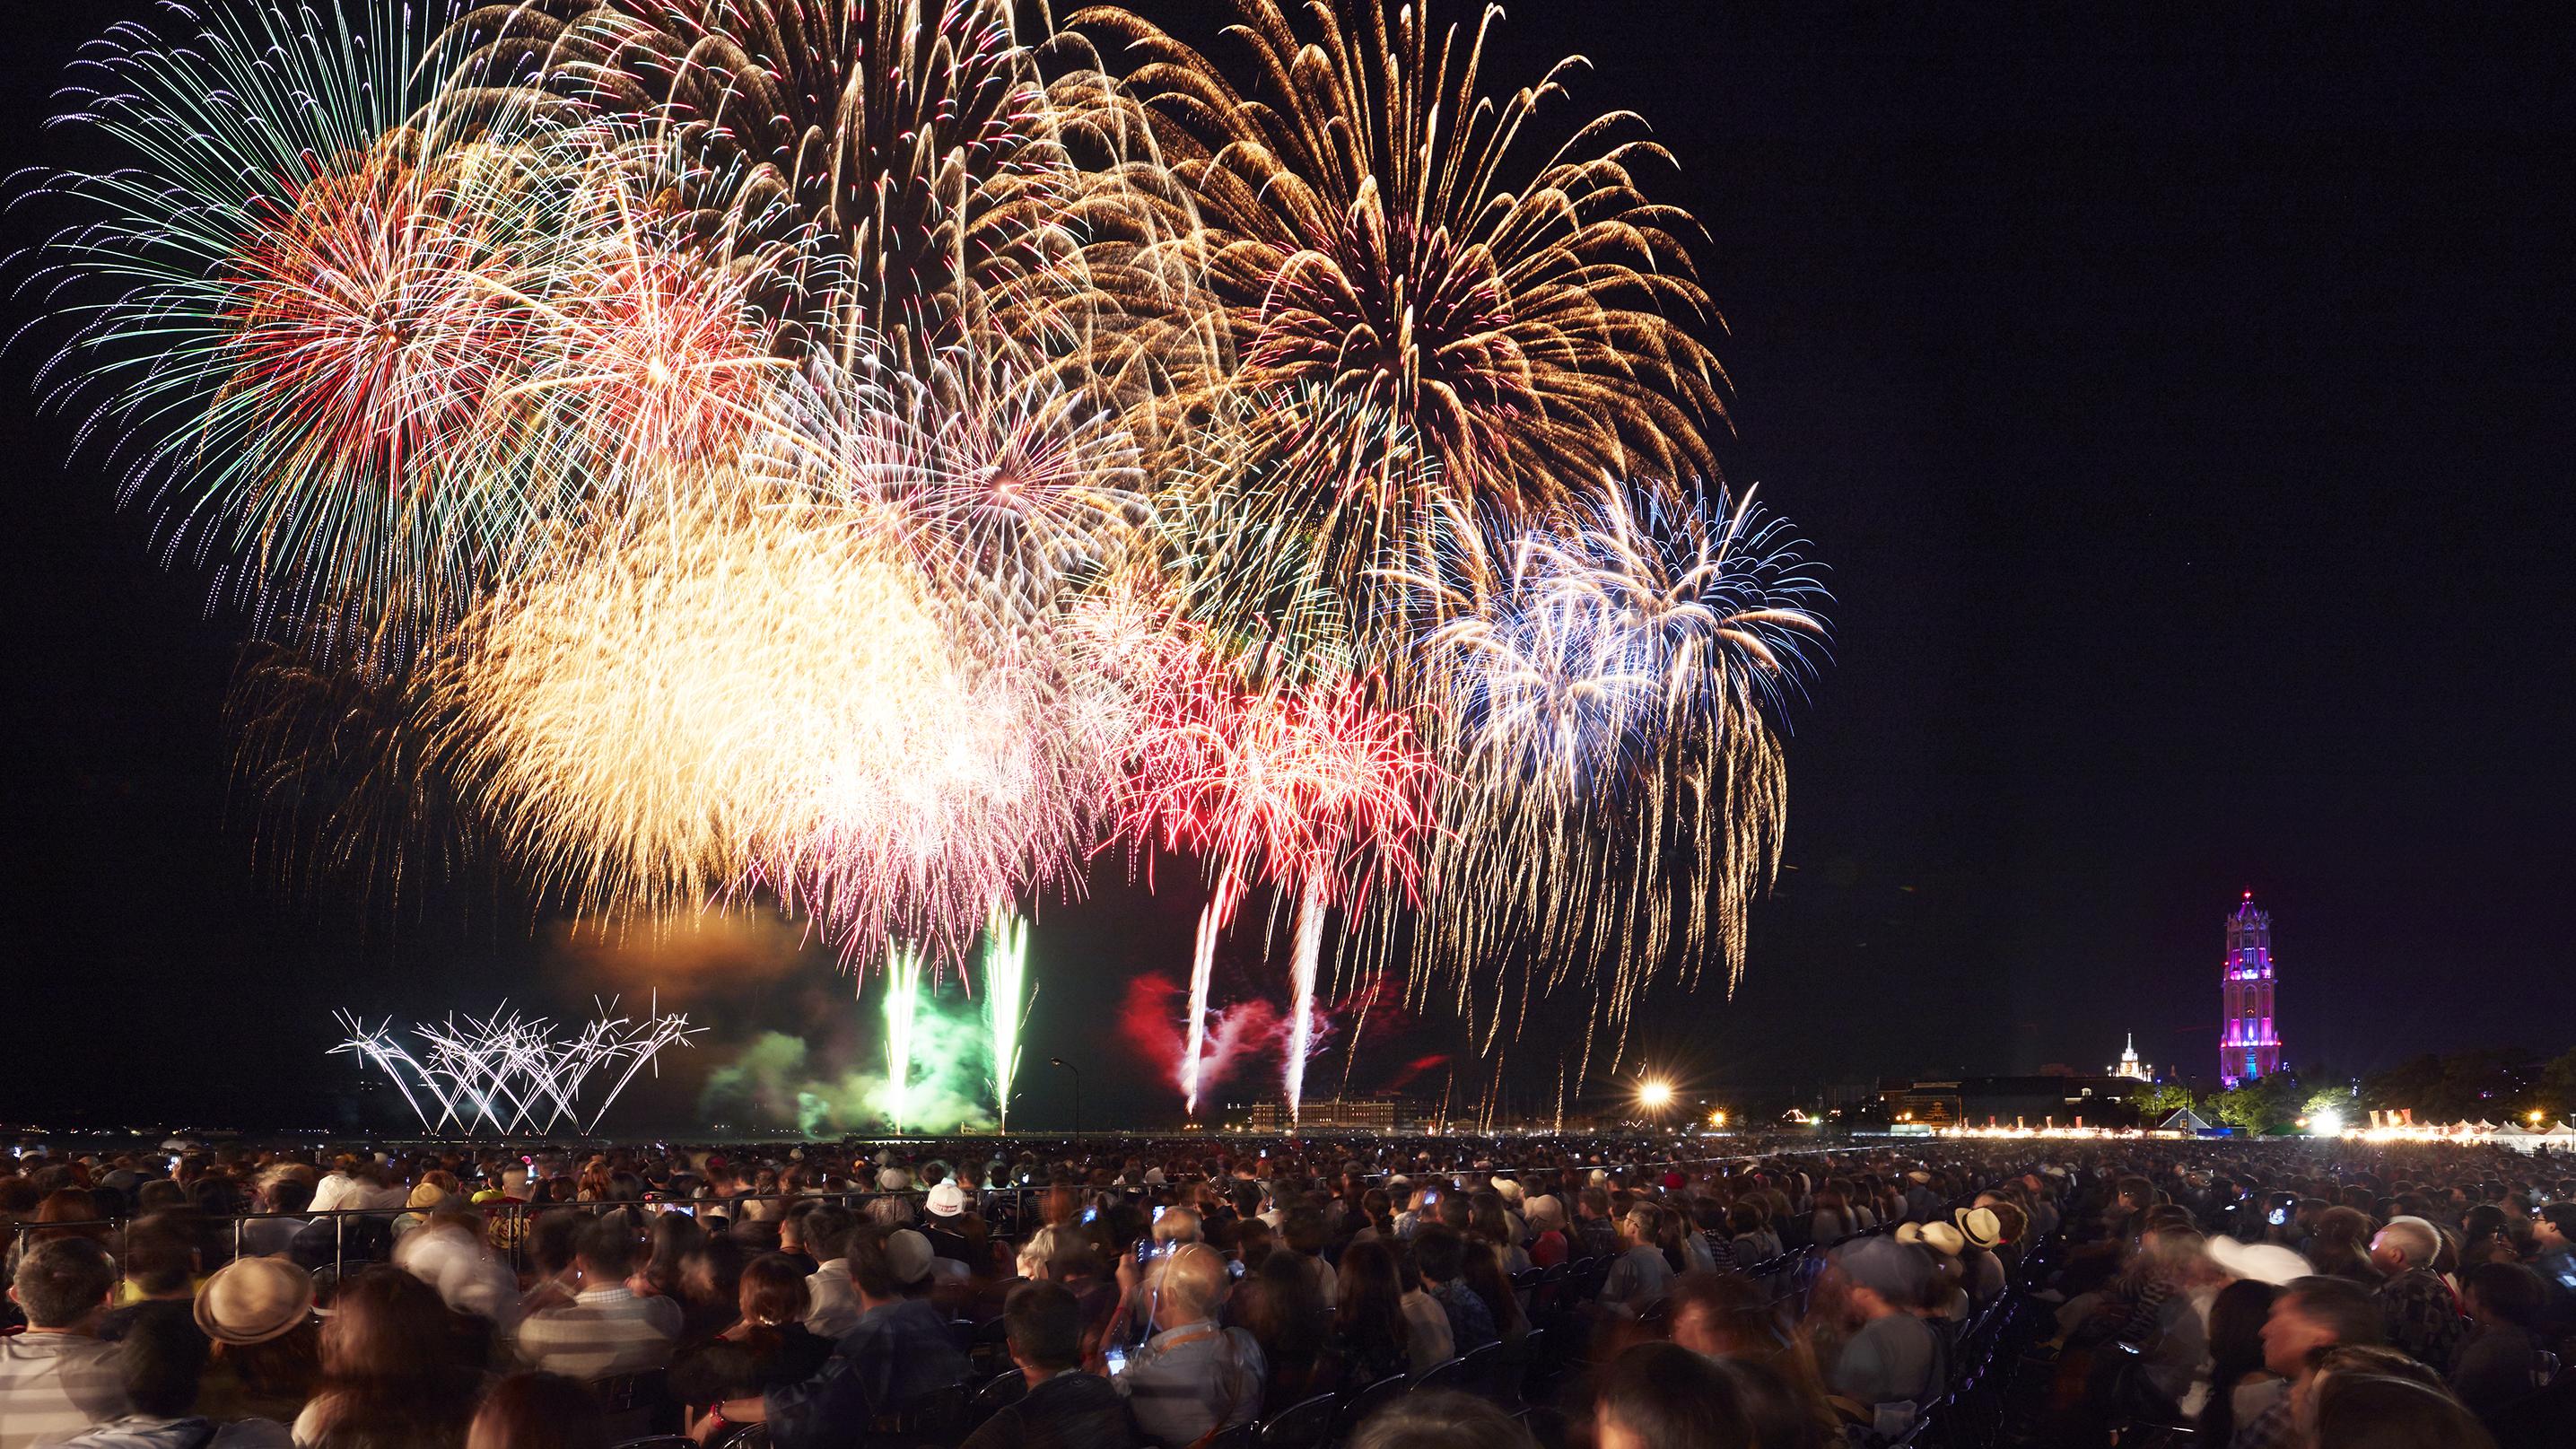 ●【博多発着】日帰りバス旅 今年はさらにパワーアップ!!西日本最大級打ち上げ総数22000発!第5回九州一花火大会